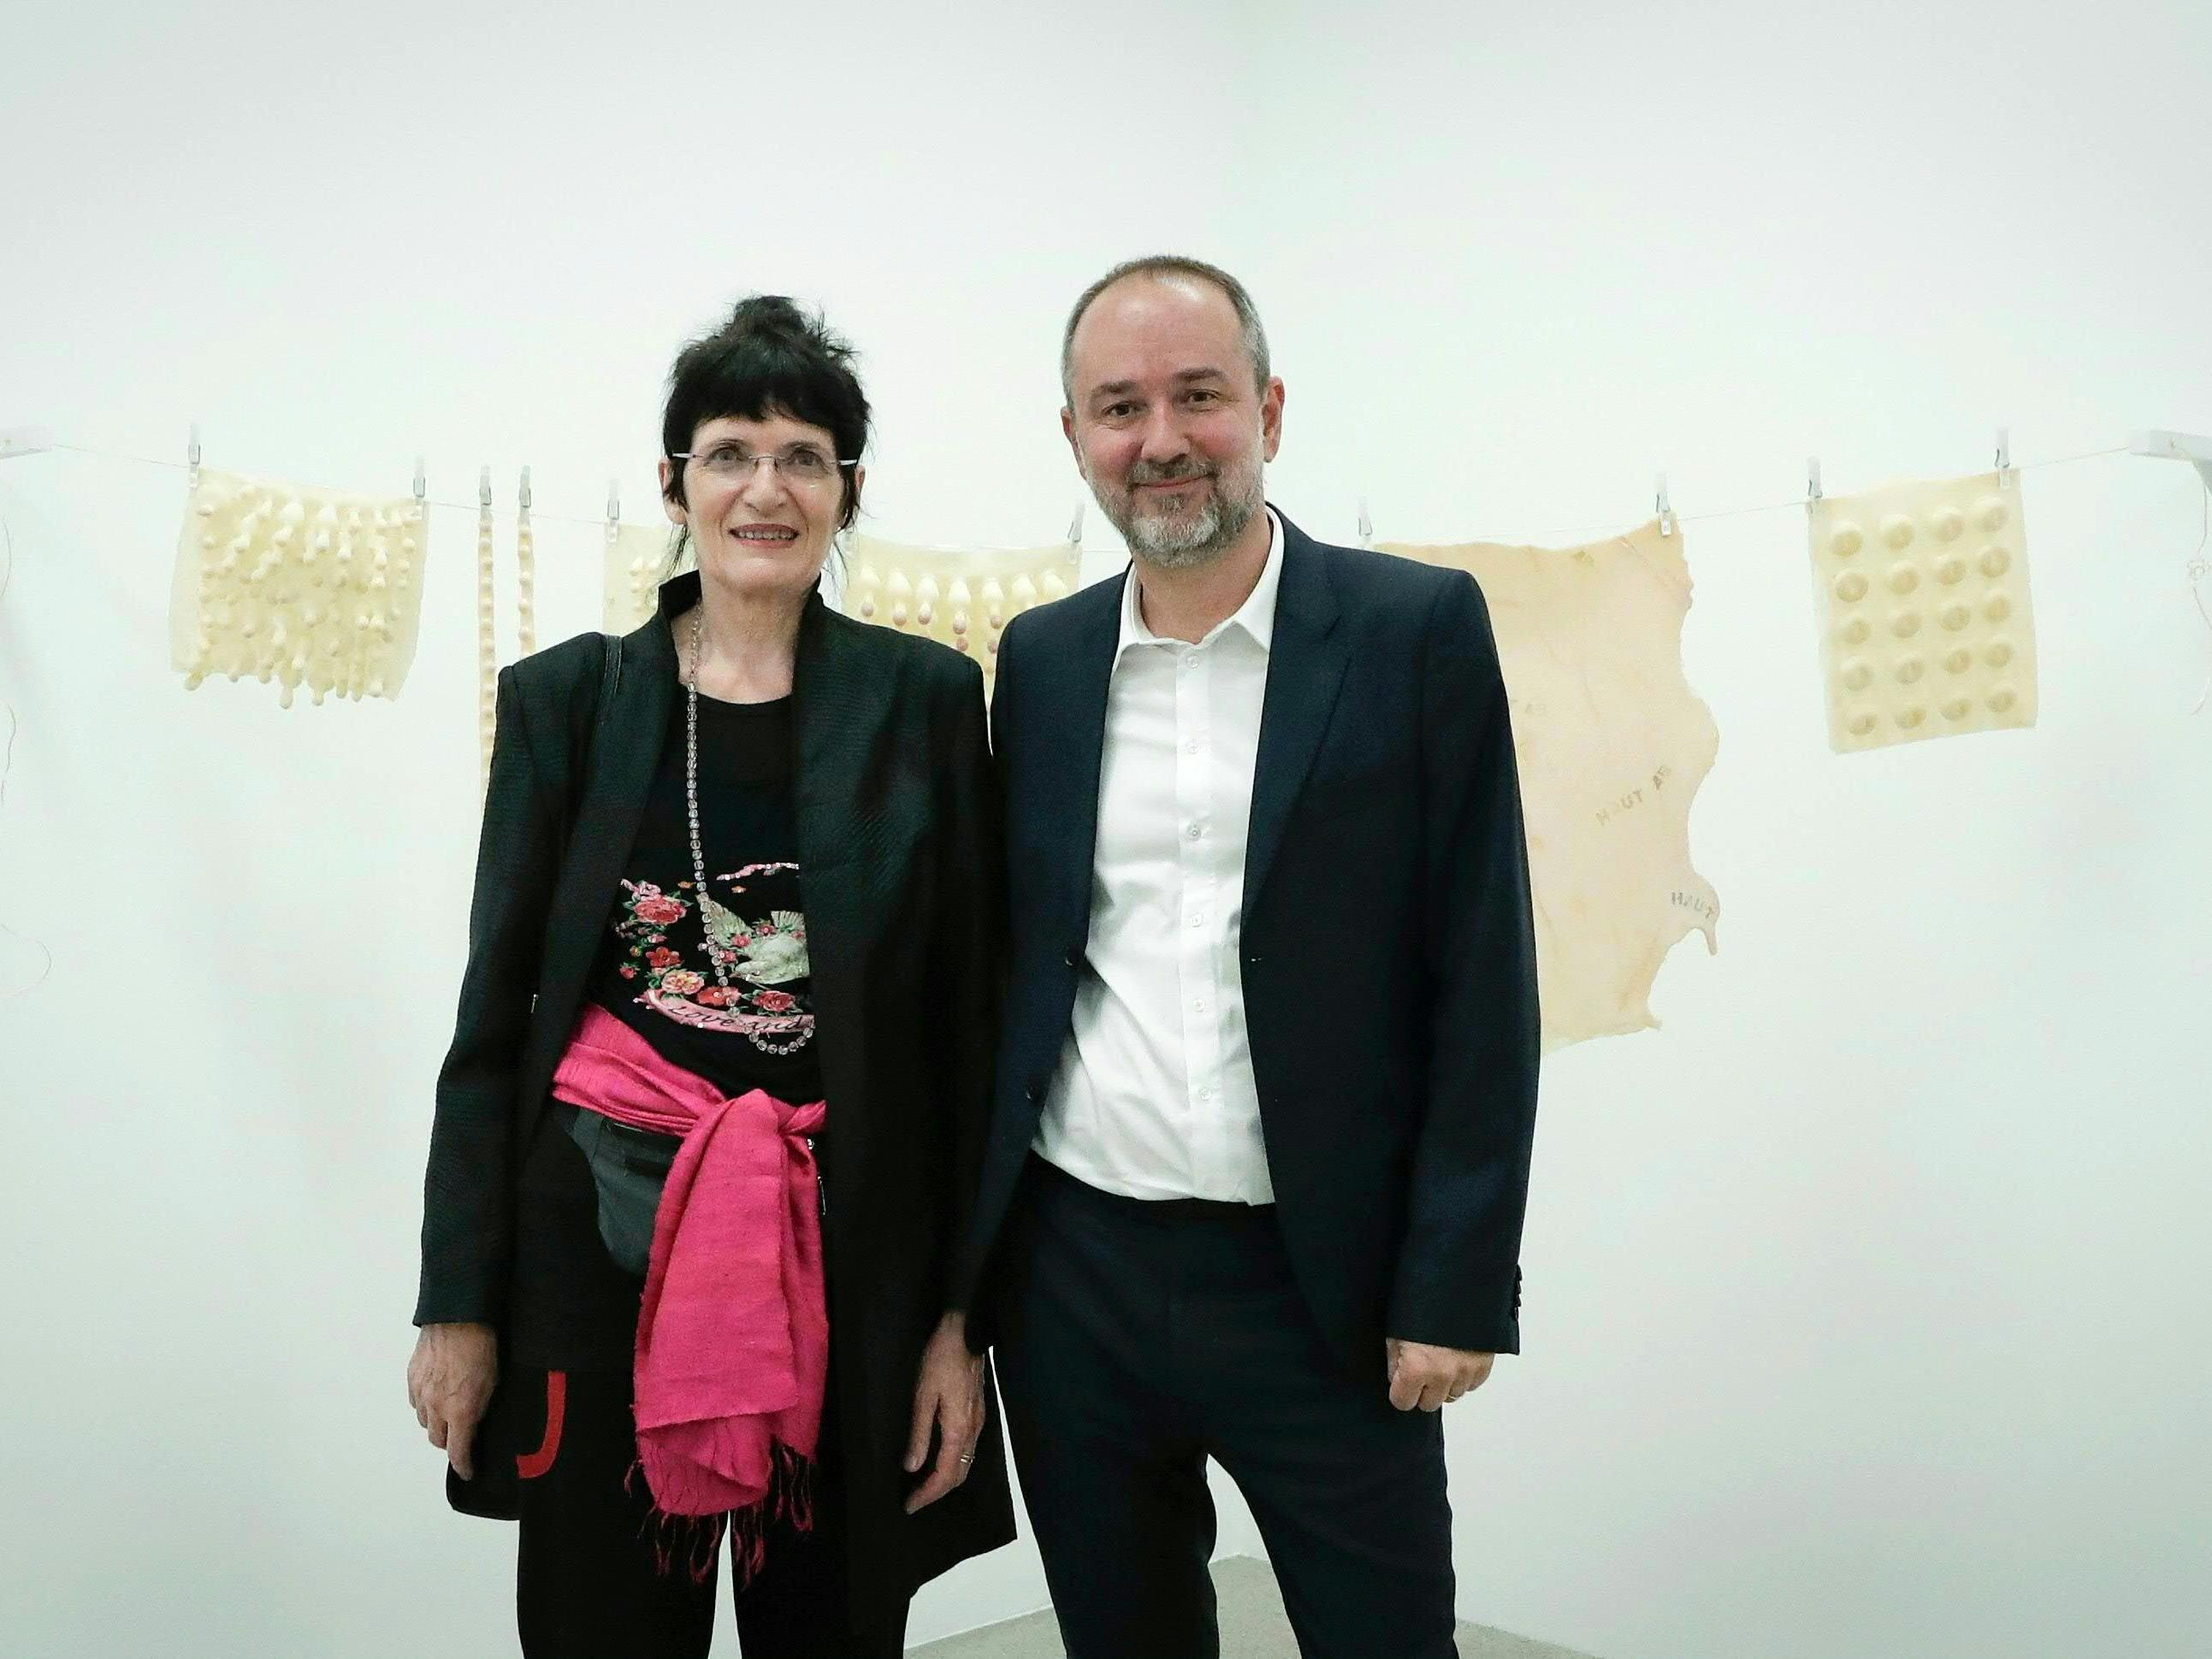 Die Wiener Künstlerin Renate Bertlmann erhält den Großen Österreichischen Staatspreis 2017.